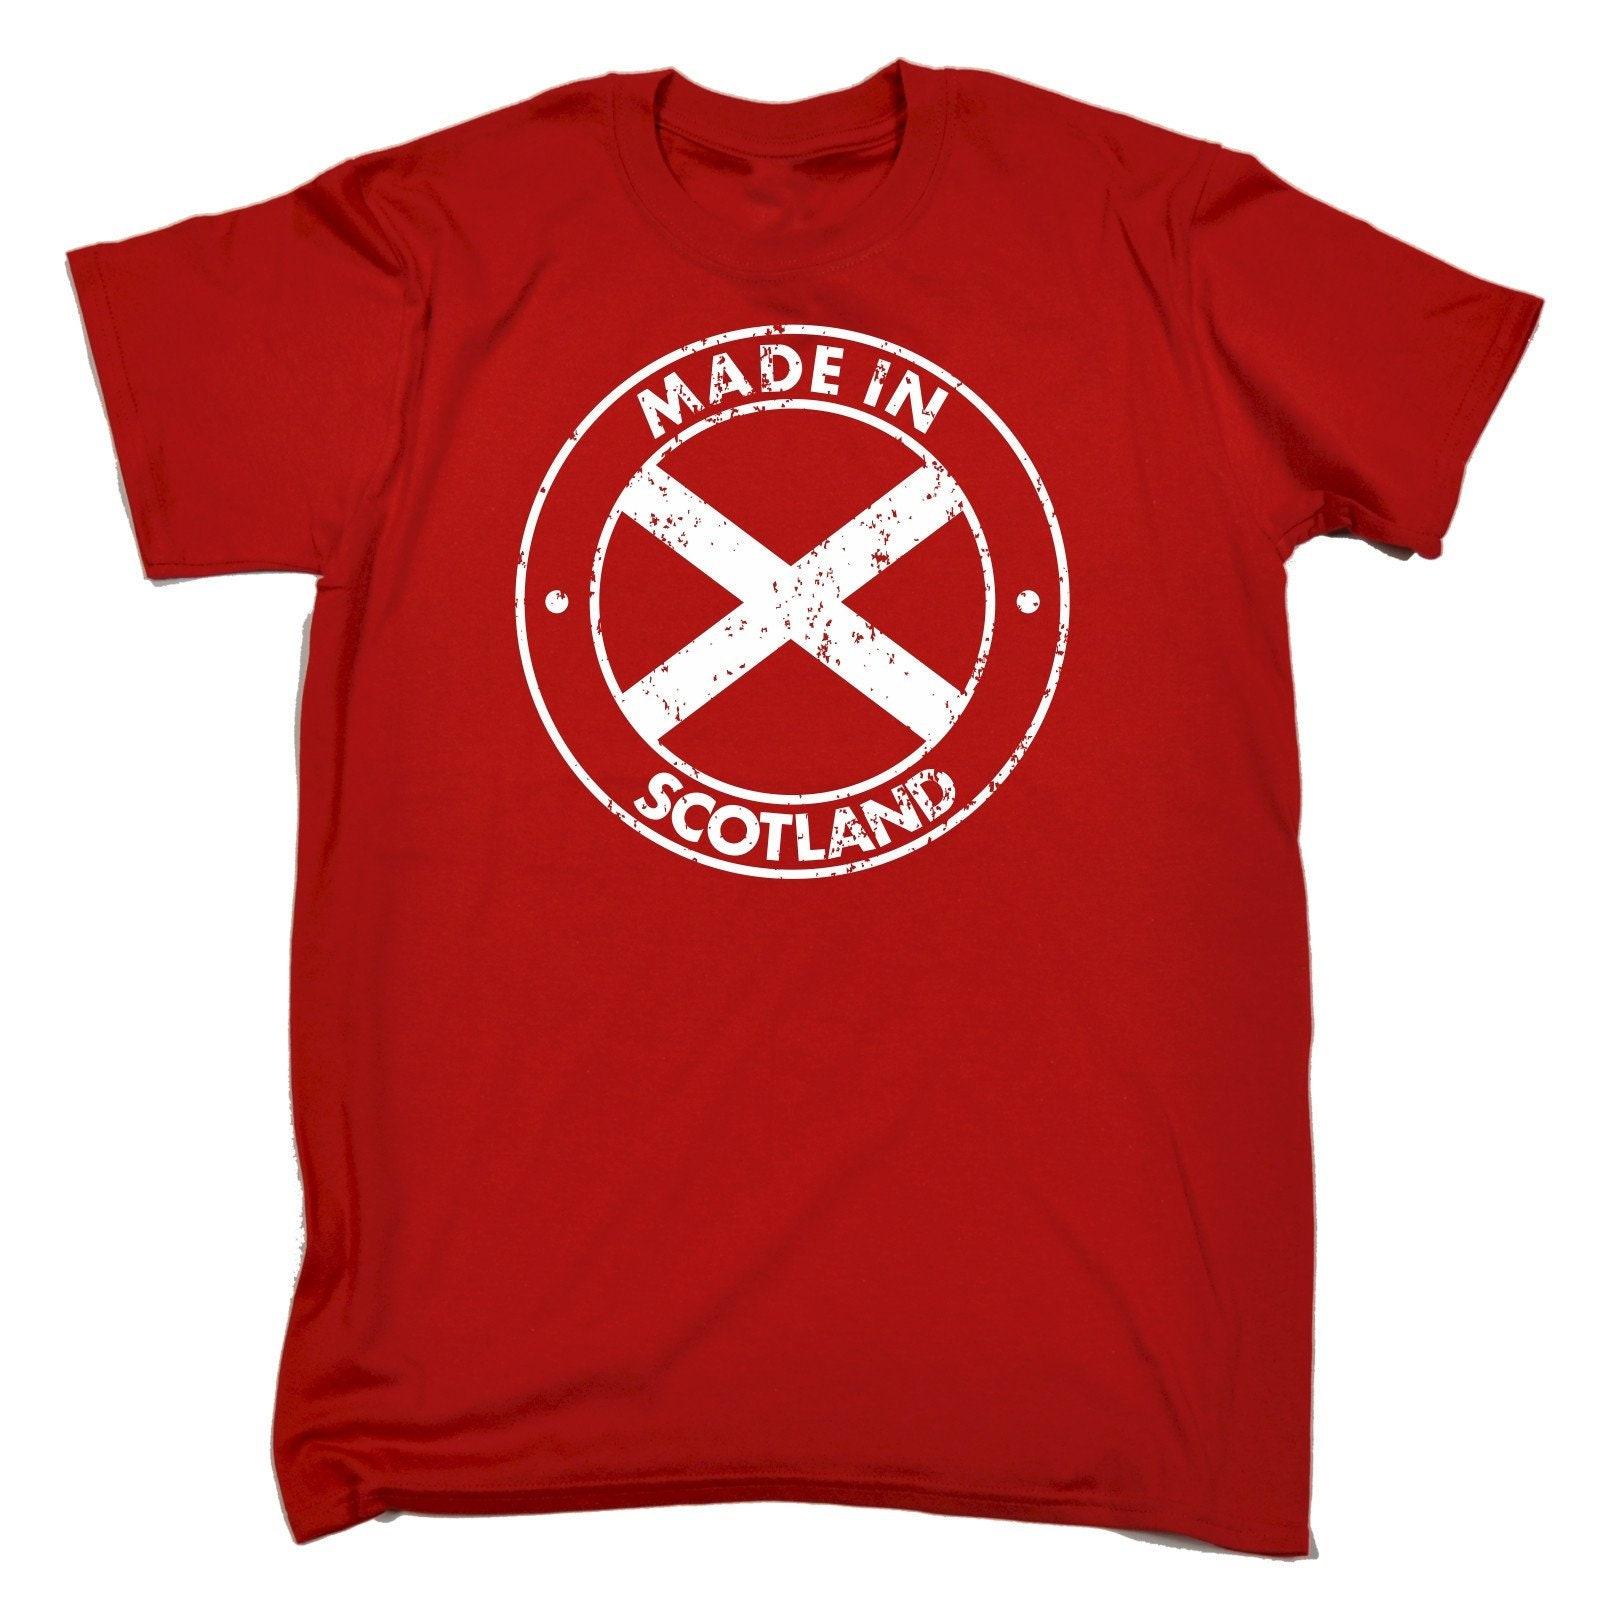 123t homme homme 123t de fabriqué en Ecosse drôle T-Shirt Tee Tshirt T Shirts nouveauté drôle d'anniversaire cadeau de Noël présent 430283